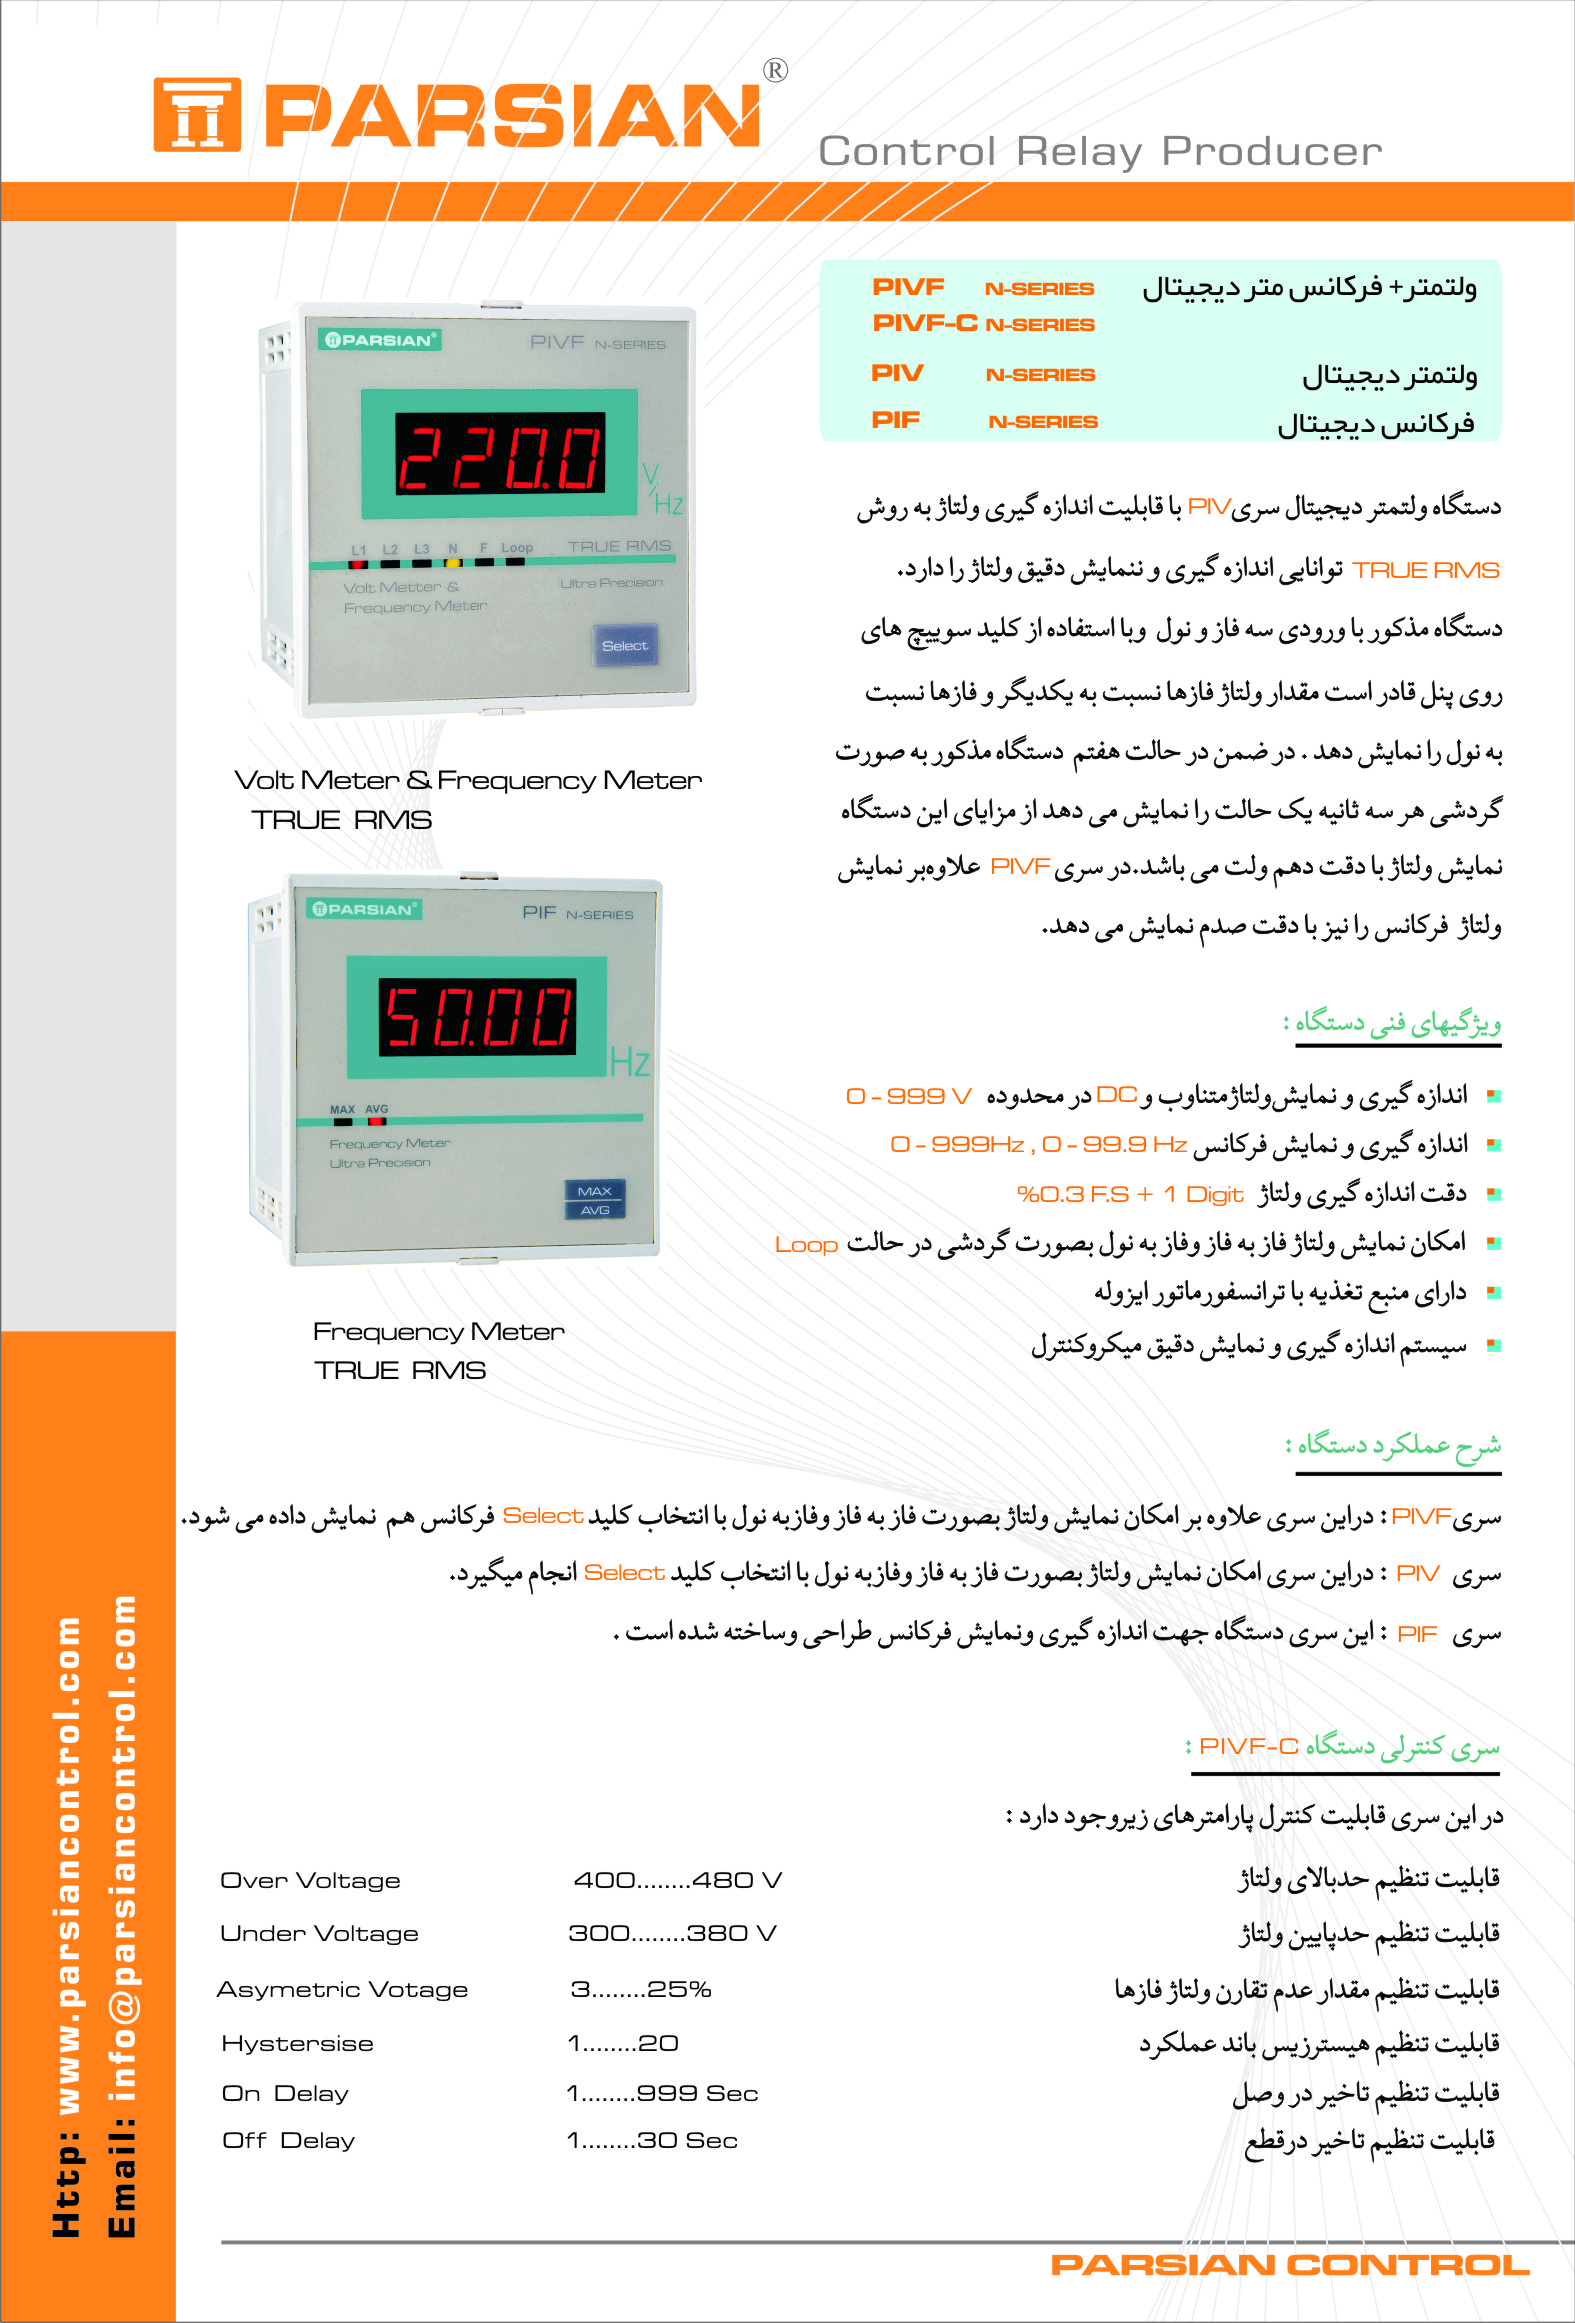 دستگاه ولتمتر دیجیتال به همراه فرکانس متر دیجیتال که توانایی اندازه گیری و نمایش دیقیق وبتاژ را دارد